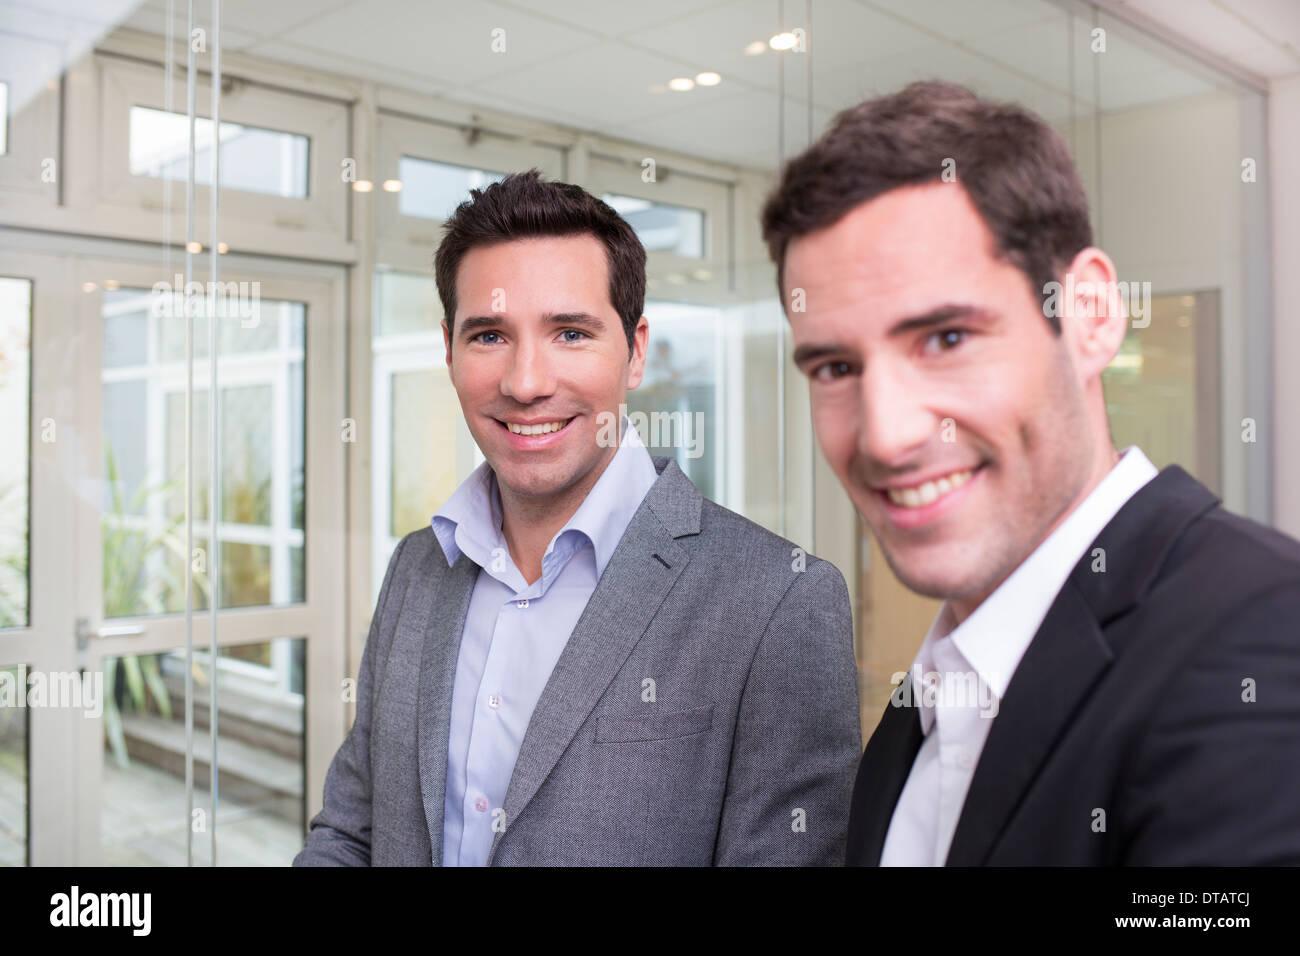 Retrato de dos empresarios sonrientes en oficina, mirando la cámara Foto de stock